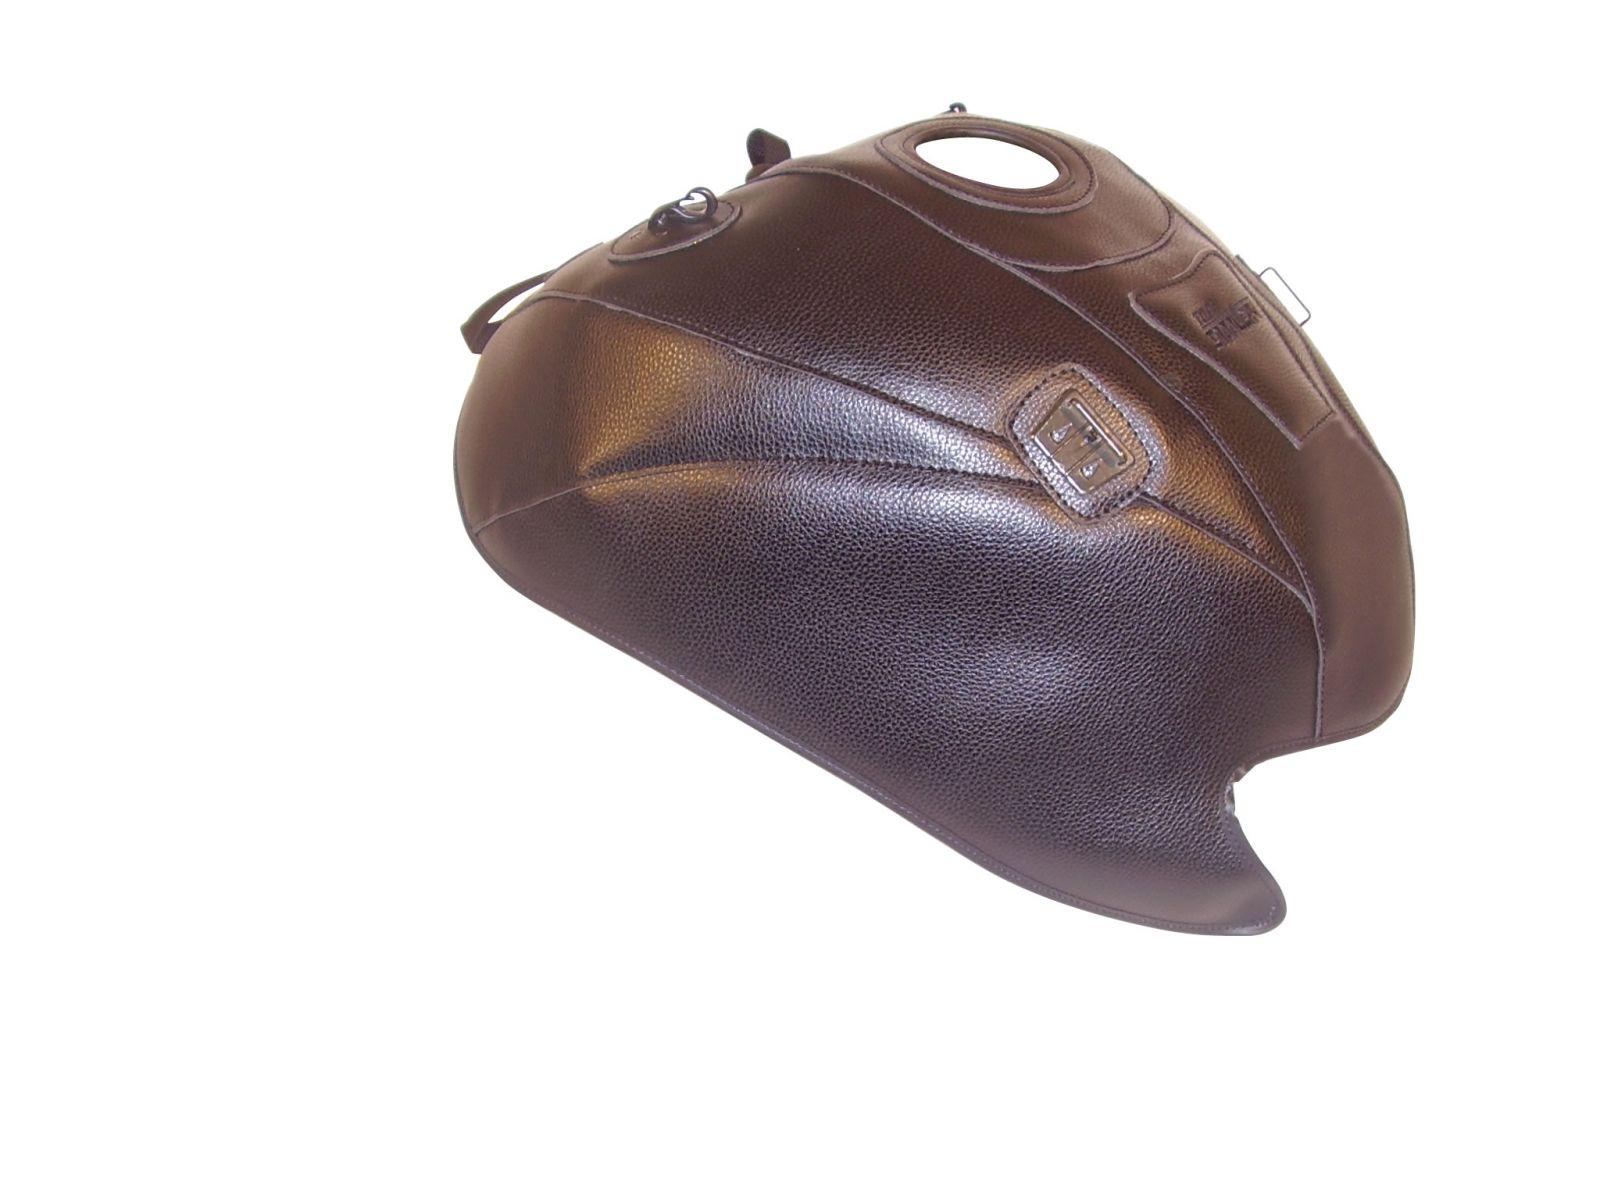 Capa de depósito TPR4602 - HONDA CG 125 [≥ 2004]